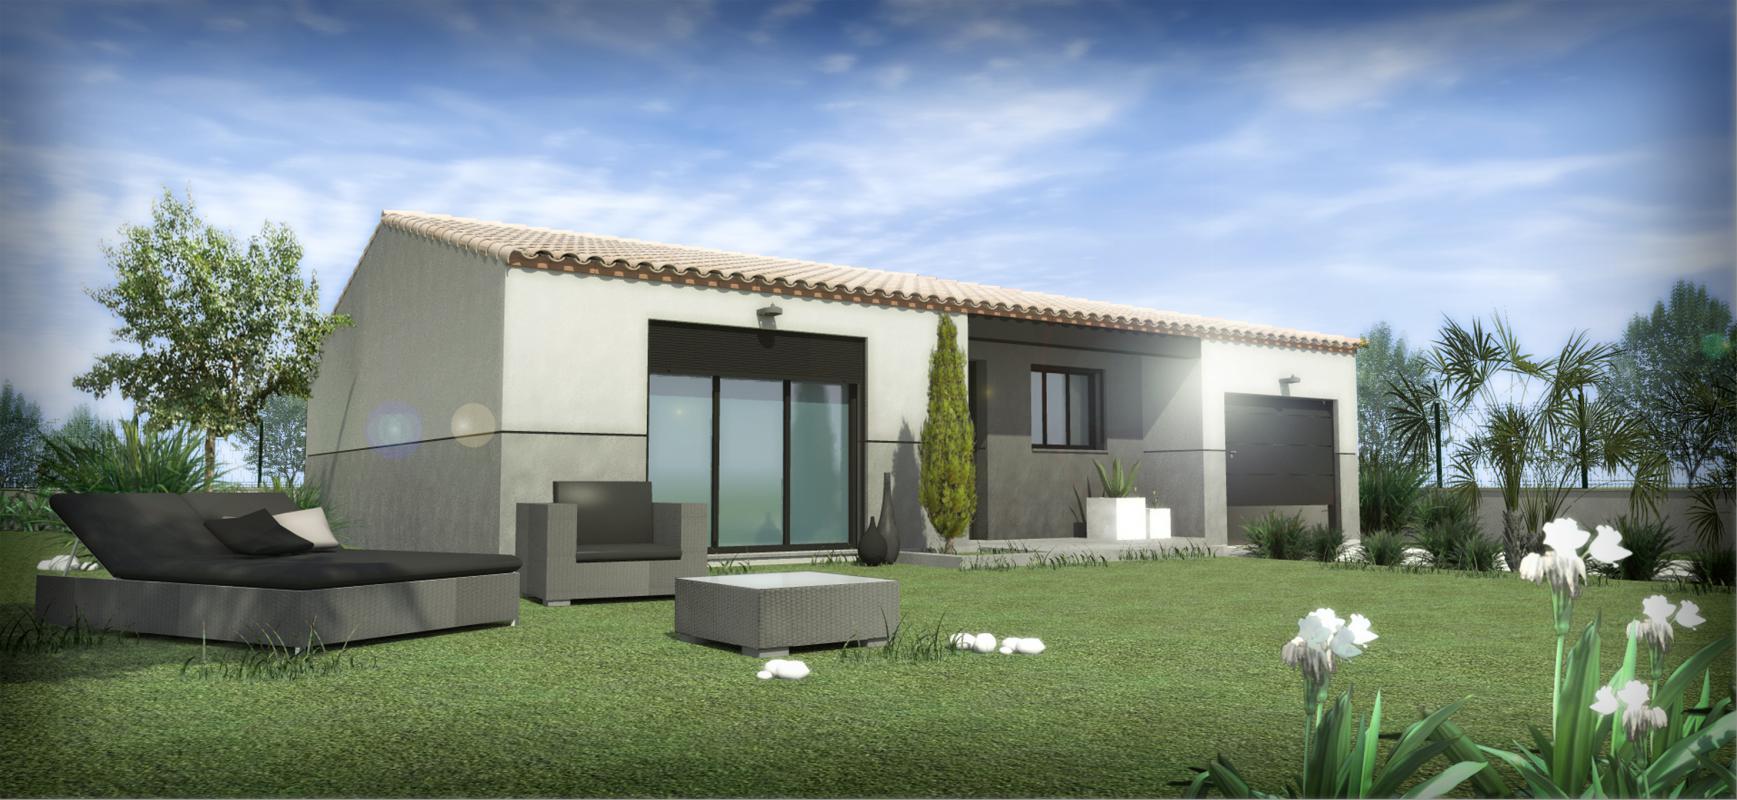 Maisons + Terrains du constructeur SM 11 • 80 m² • CAVANAC